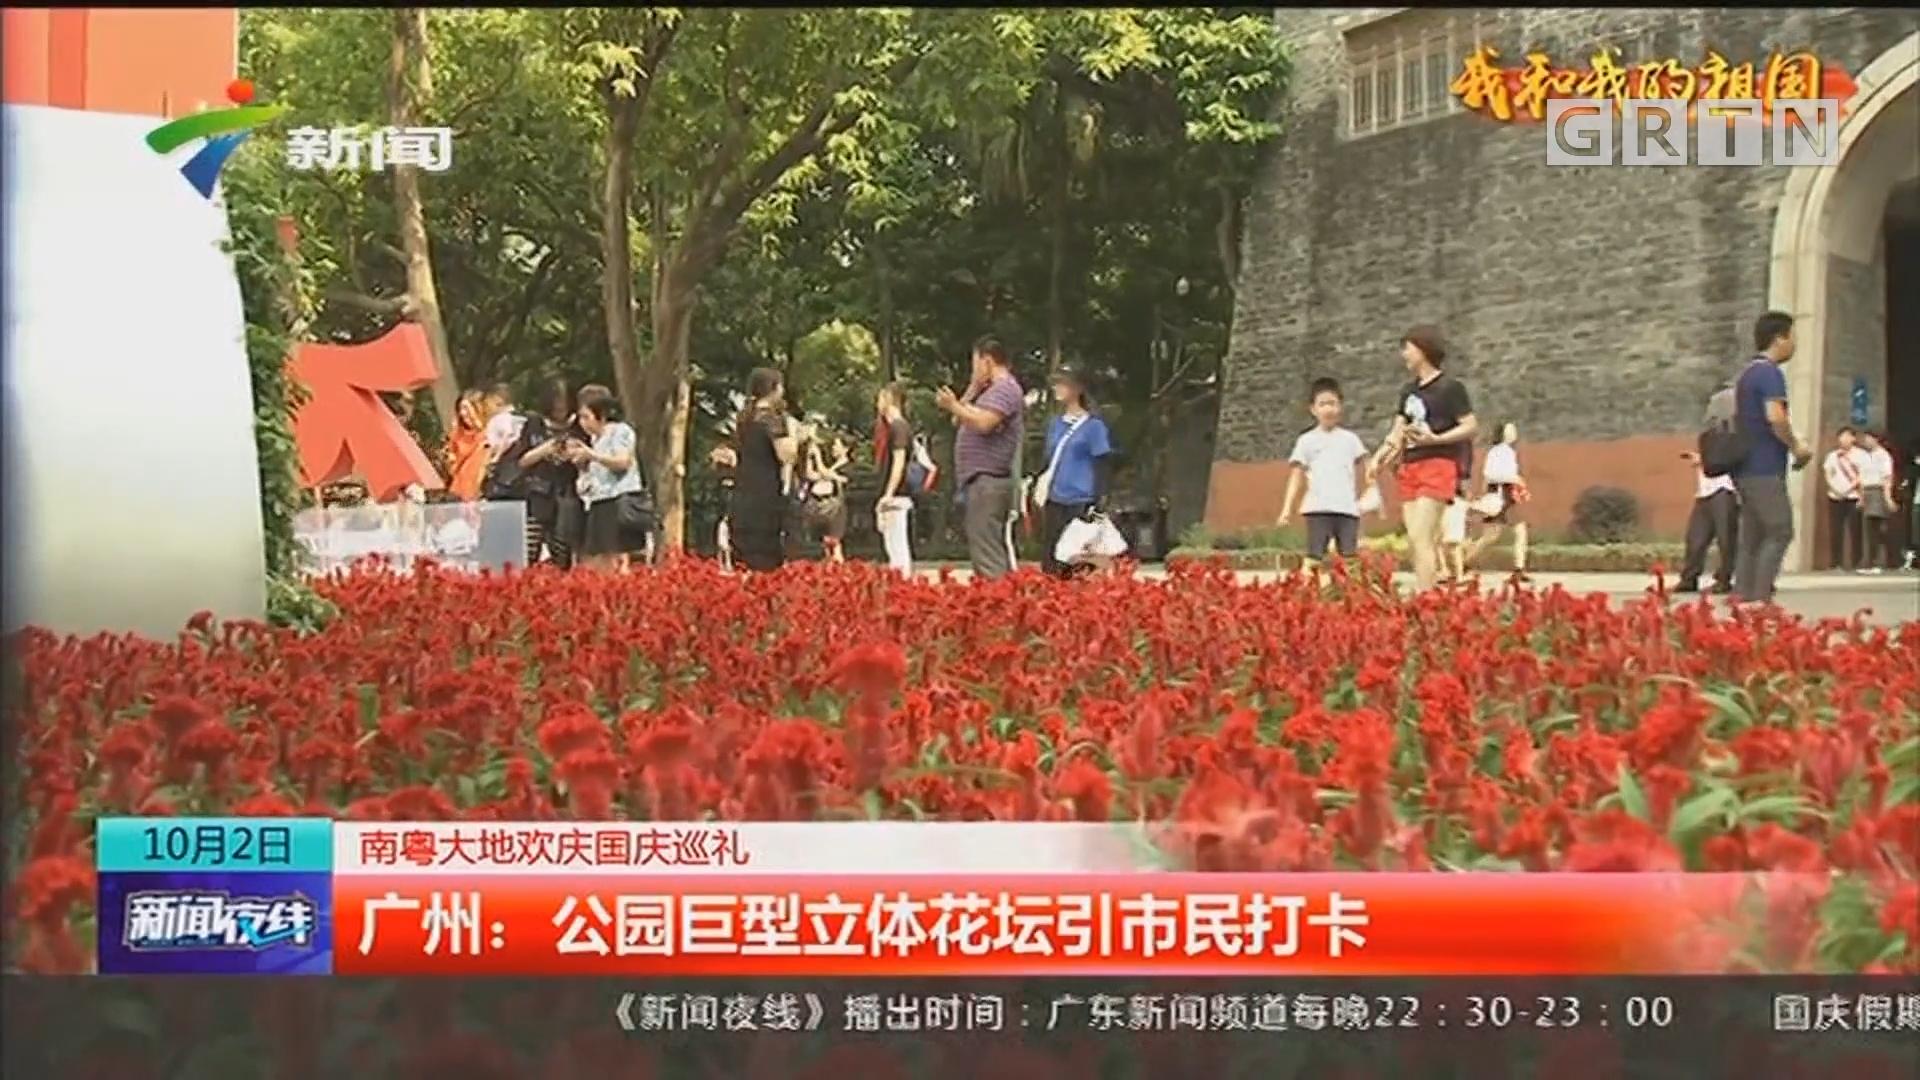 南粤大地欢庆国庆巡礼 广州:公园巨型立体花坛引市民打卡